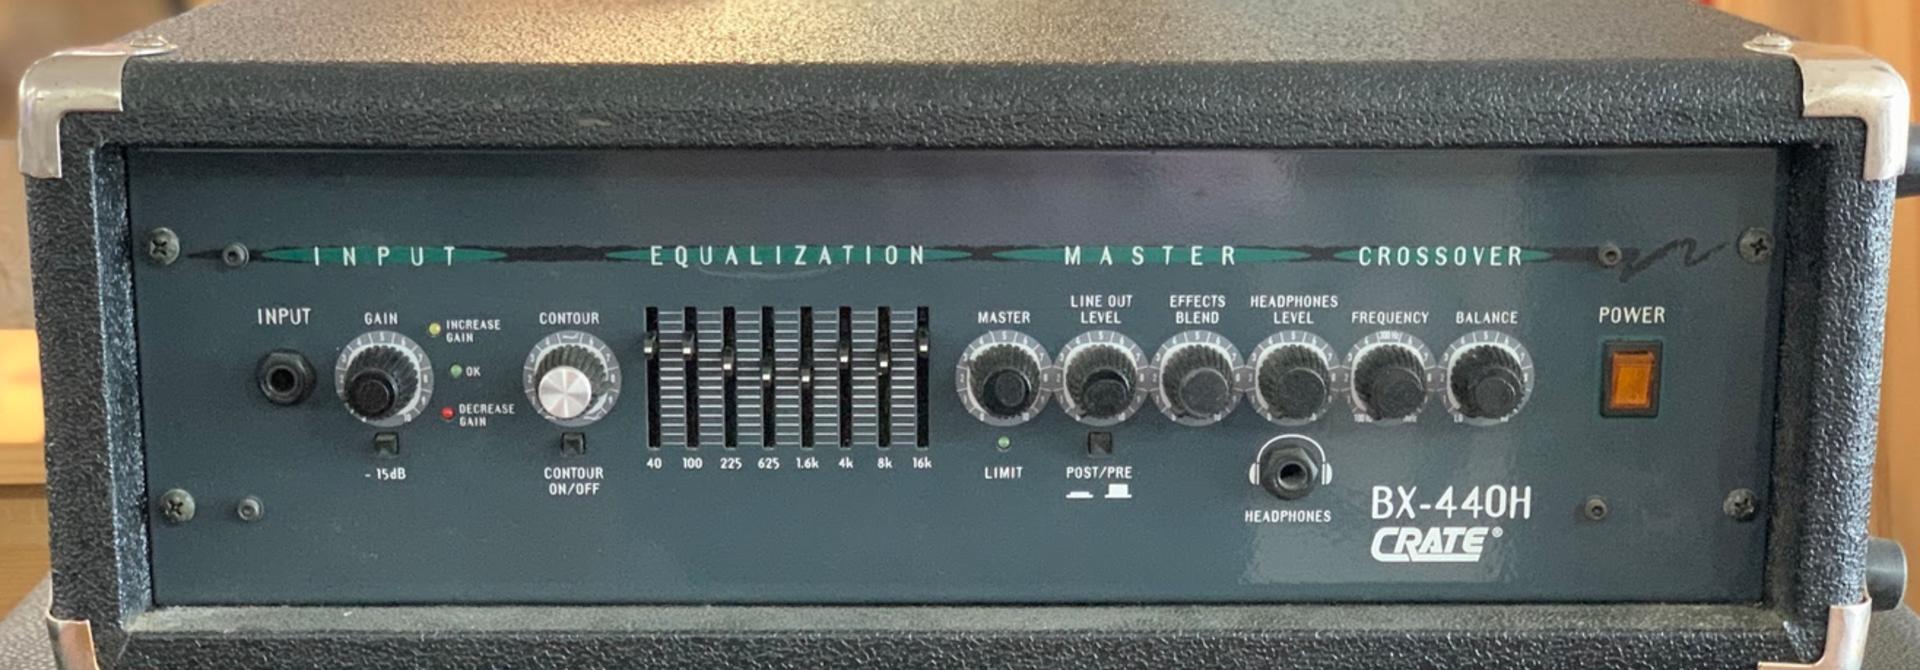 BX-440H Bass Head